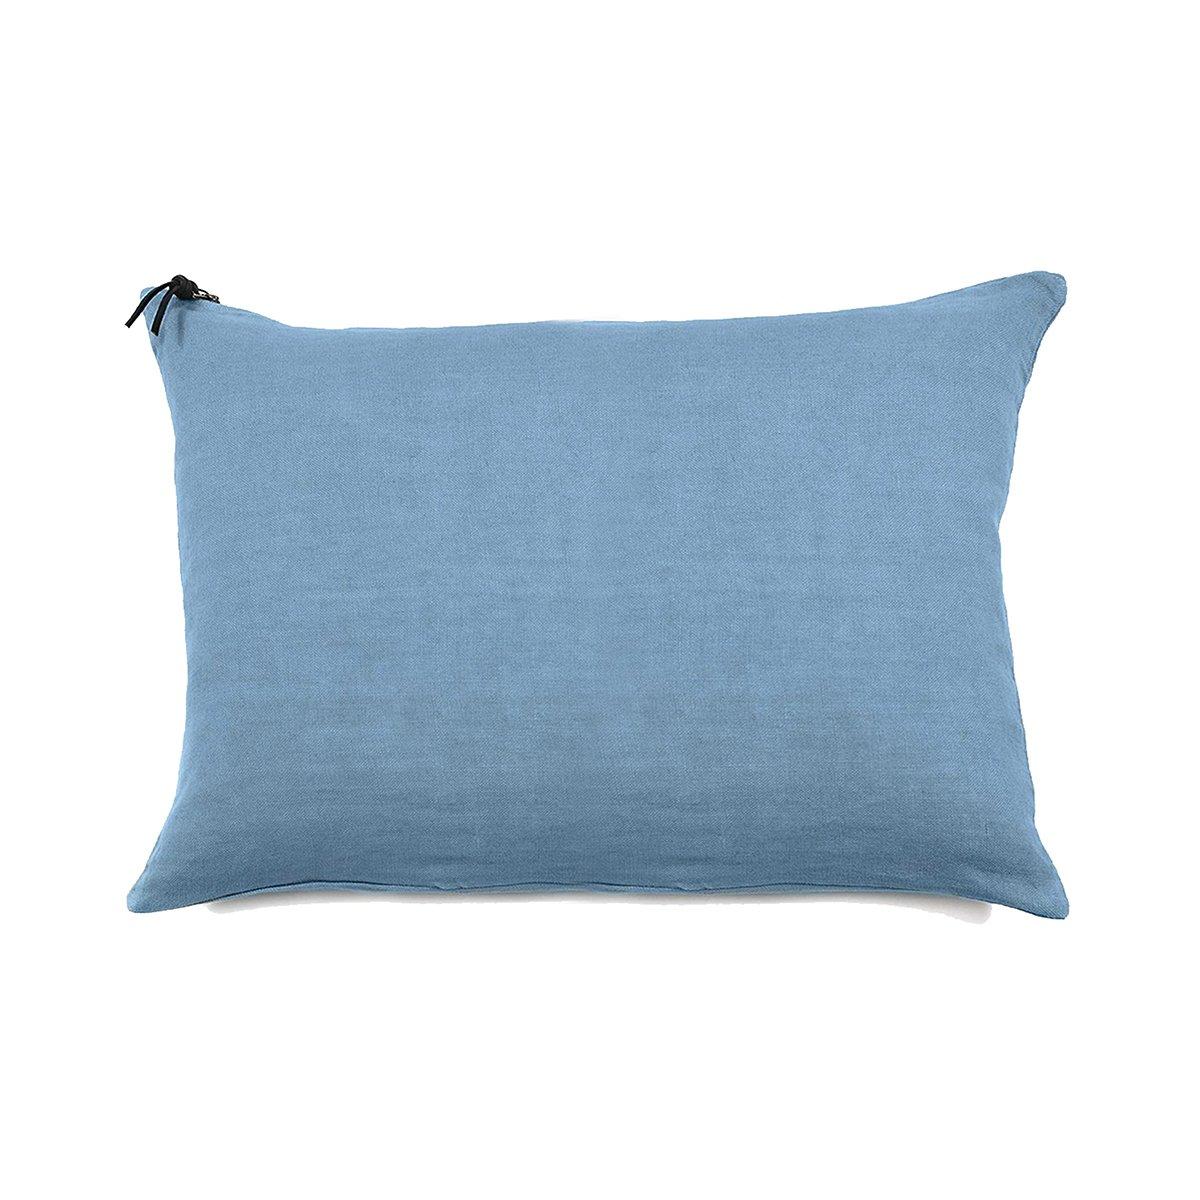 L'ESSENTIEL - Coussin Lin pur lavé Turquoise 40x60